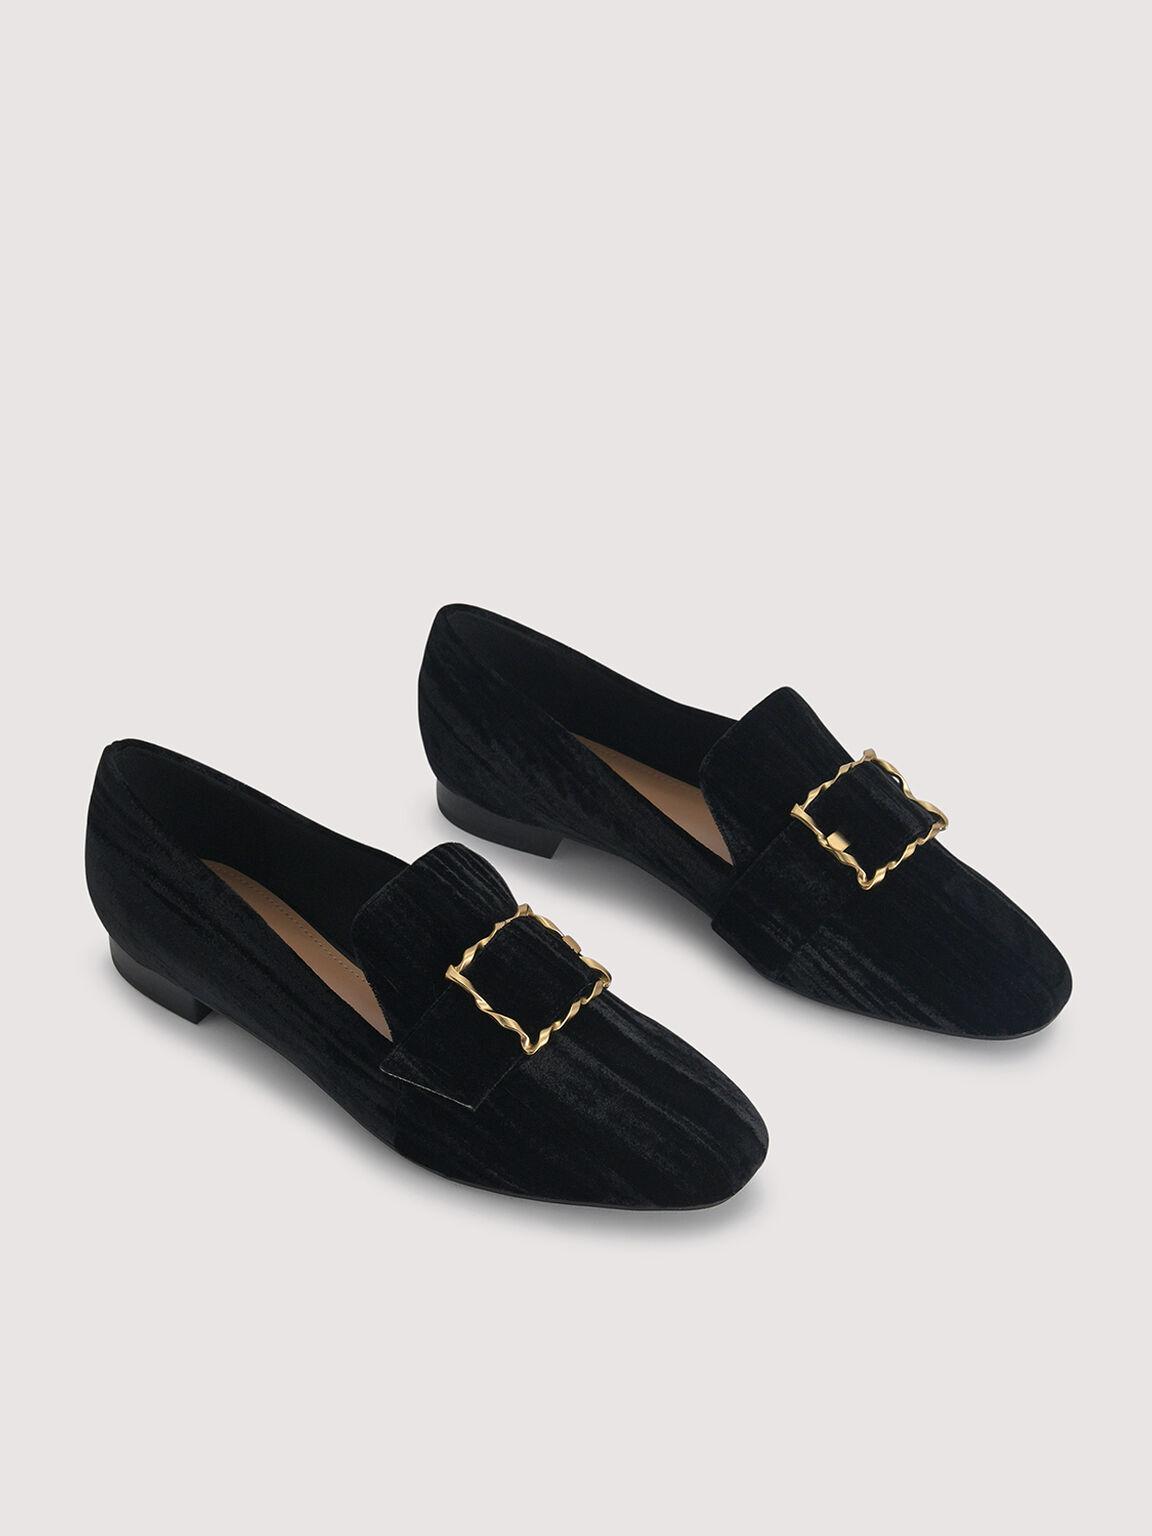 Velvet Buckled Loafers, Black, hi-res